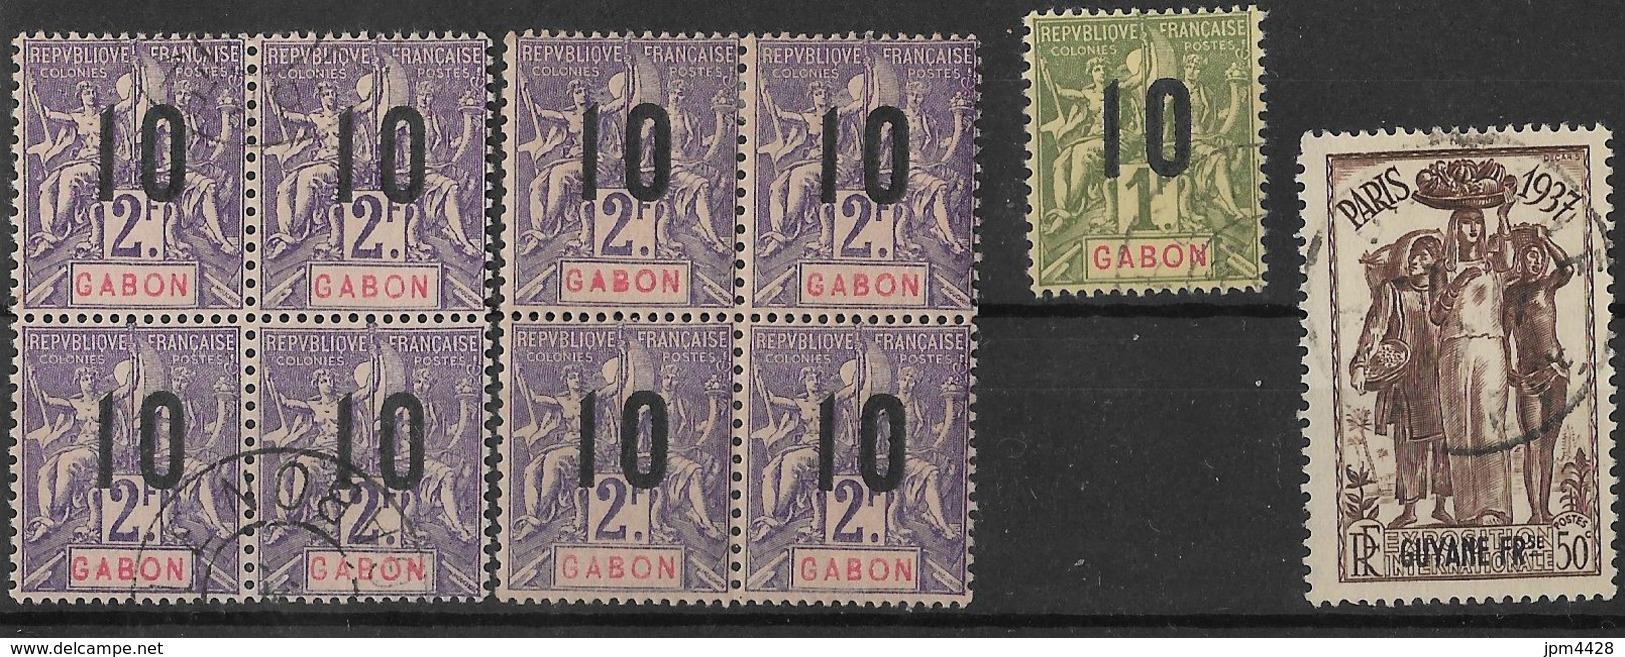 Colonie Lot De 74 Timbres Oblitérés, Neufs Avec Charniére - Martinique, Gabon, Grande Comore, Guyane, Sultanat D'anjouan - Vrac (max 999 Timbres)